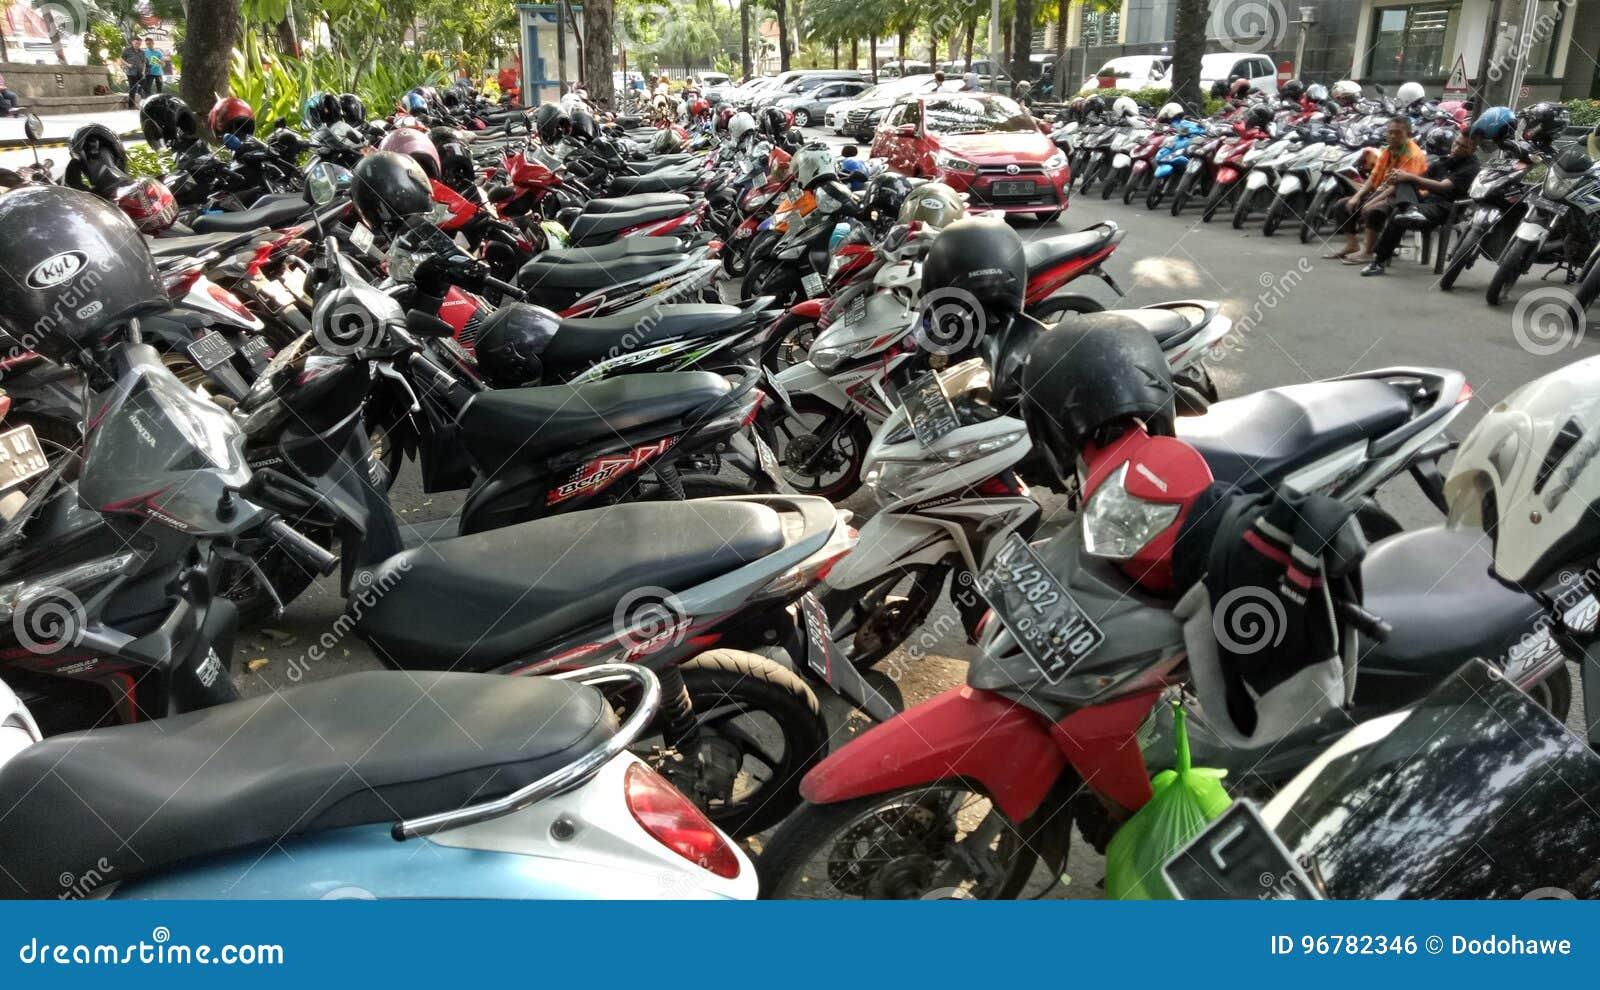 Motorfietsparkeren in Bungkul-park, Surabaya, Oost-Java, Indonesië